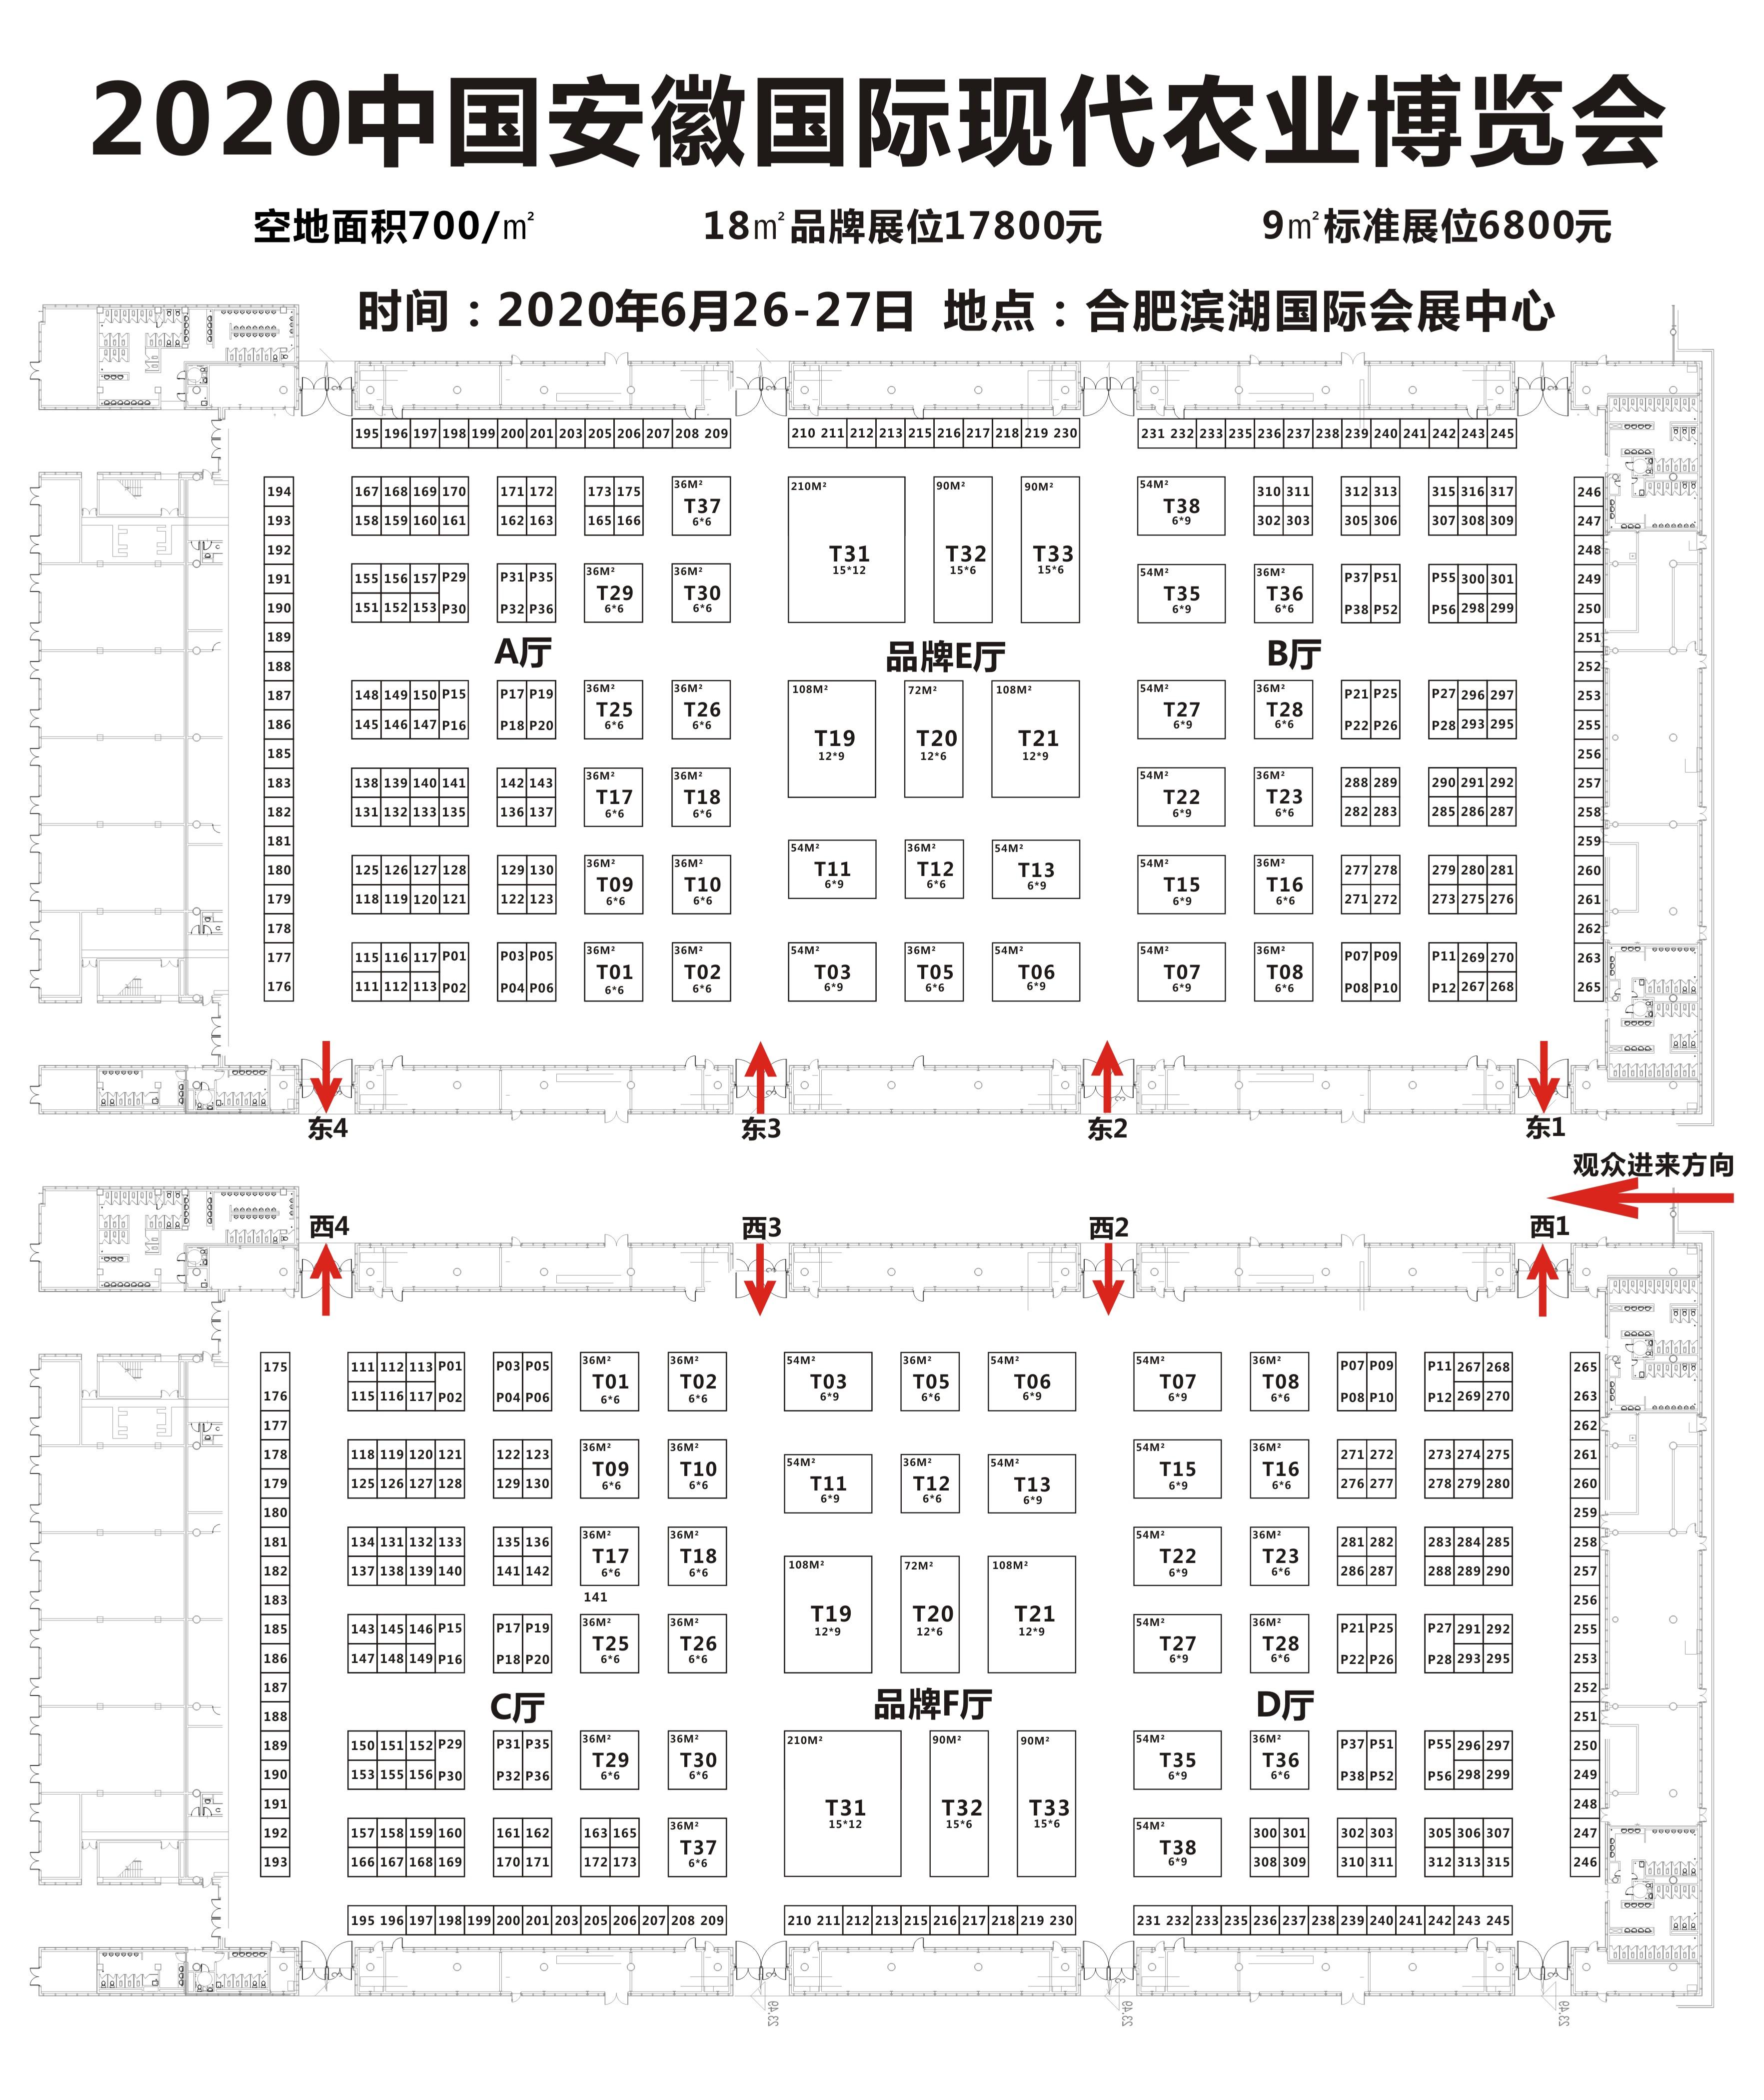 2020安徽农业展(1).jpg